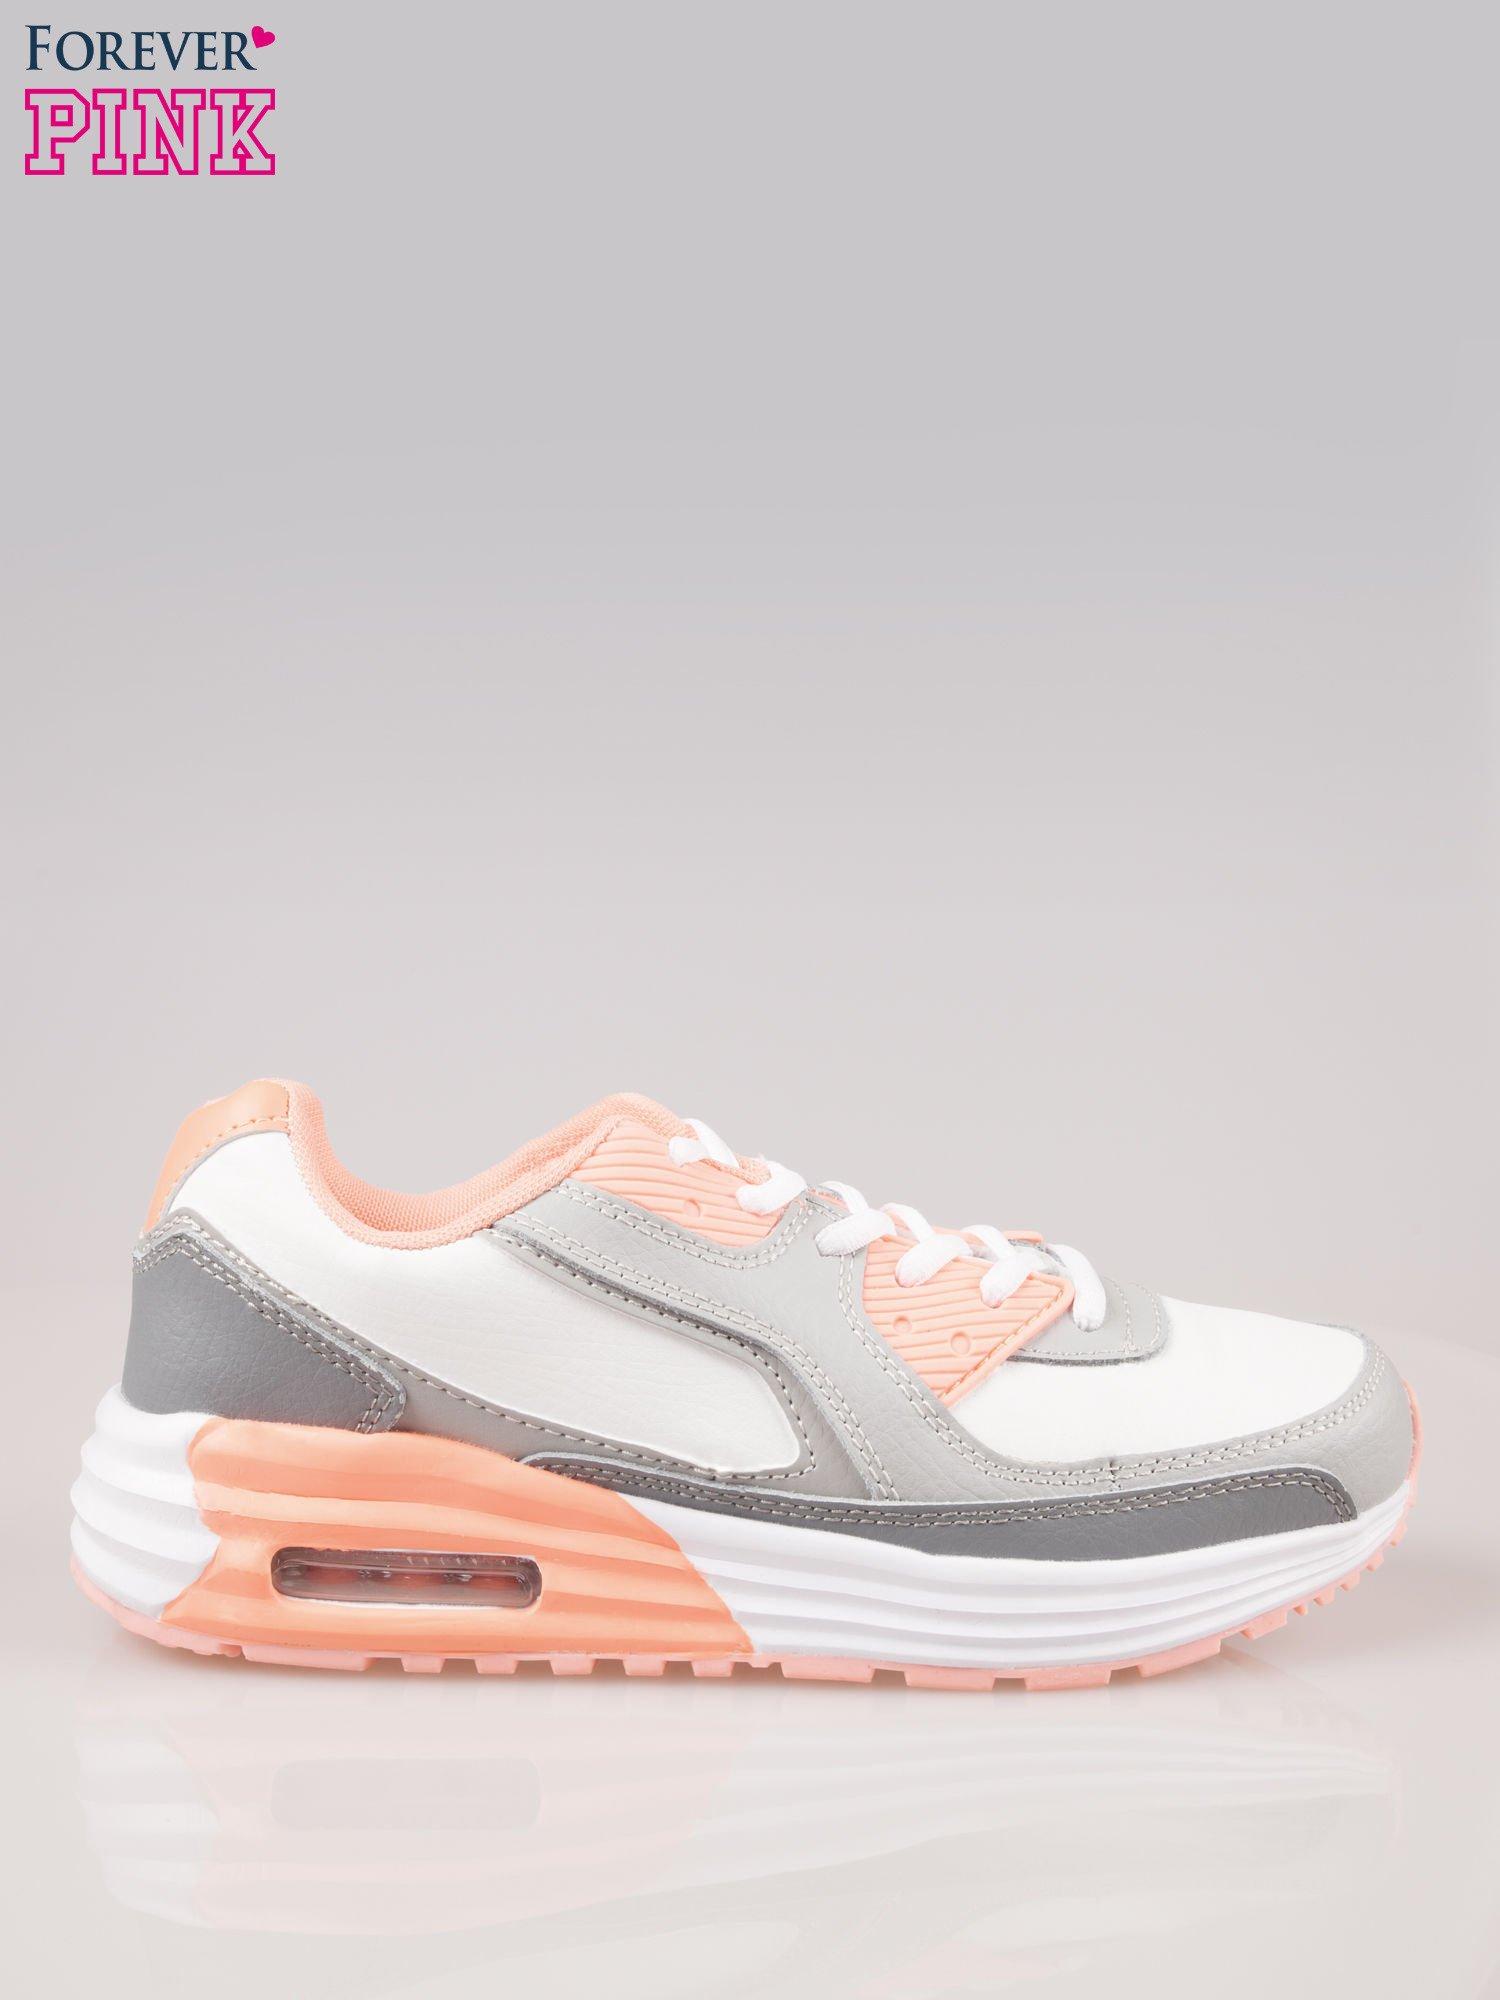 Szaro-pomarańczowe buty sportowe textile Make Up z poduszką powietrzną                                  zdj.                                  1